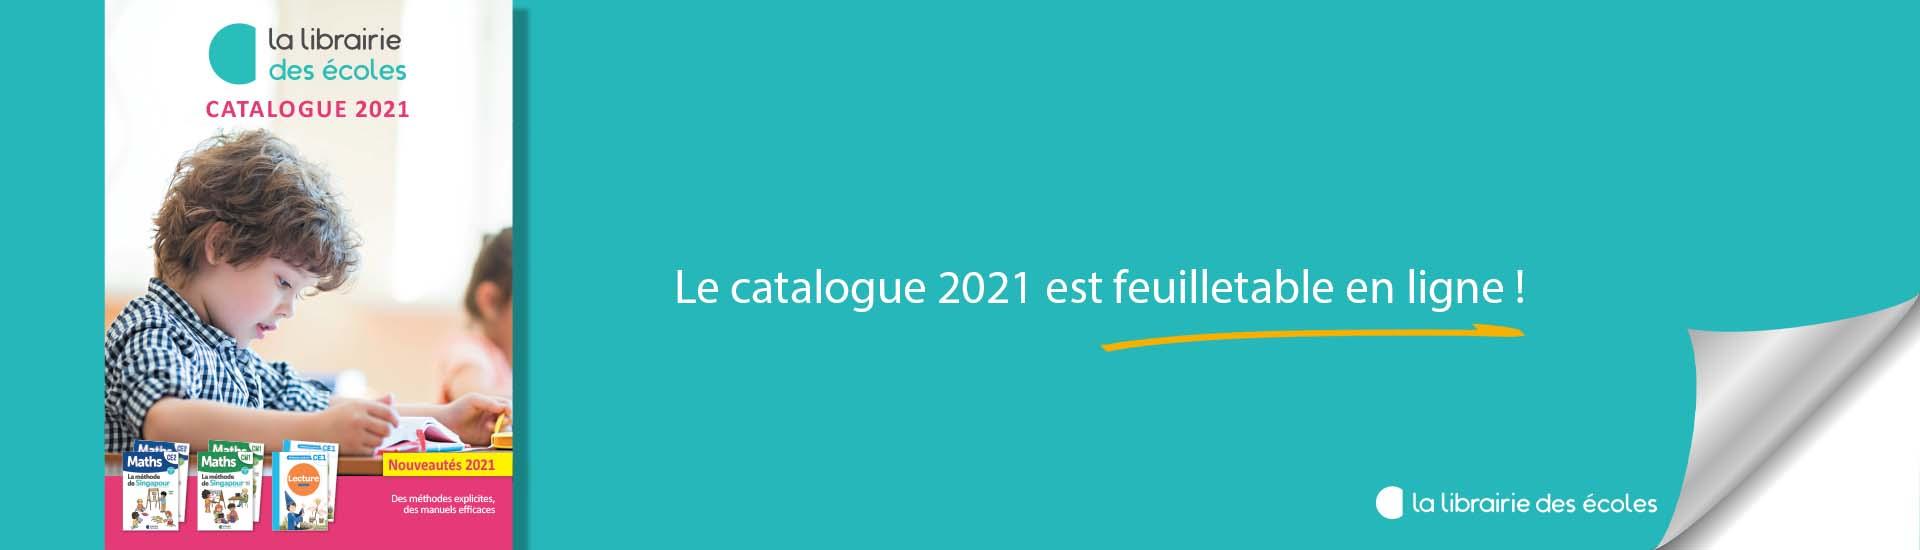 Catalogue La Librairie des Ecoles 2021